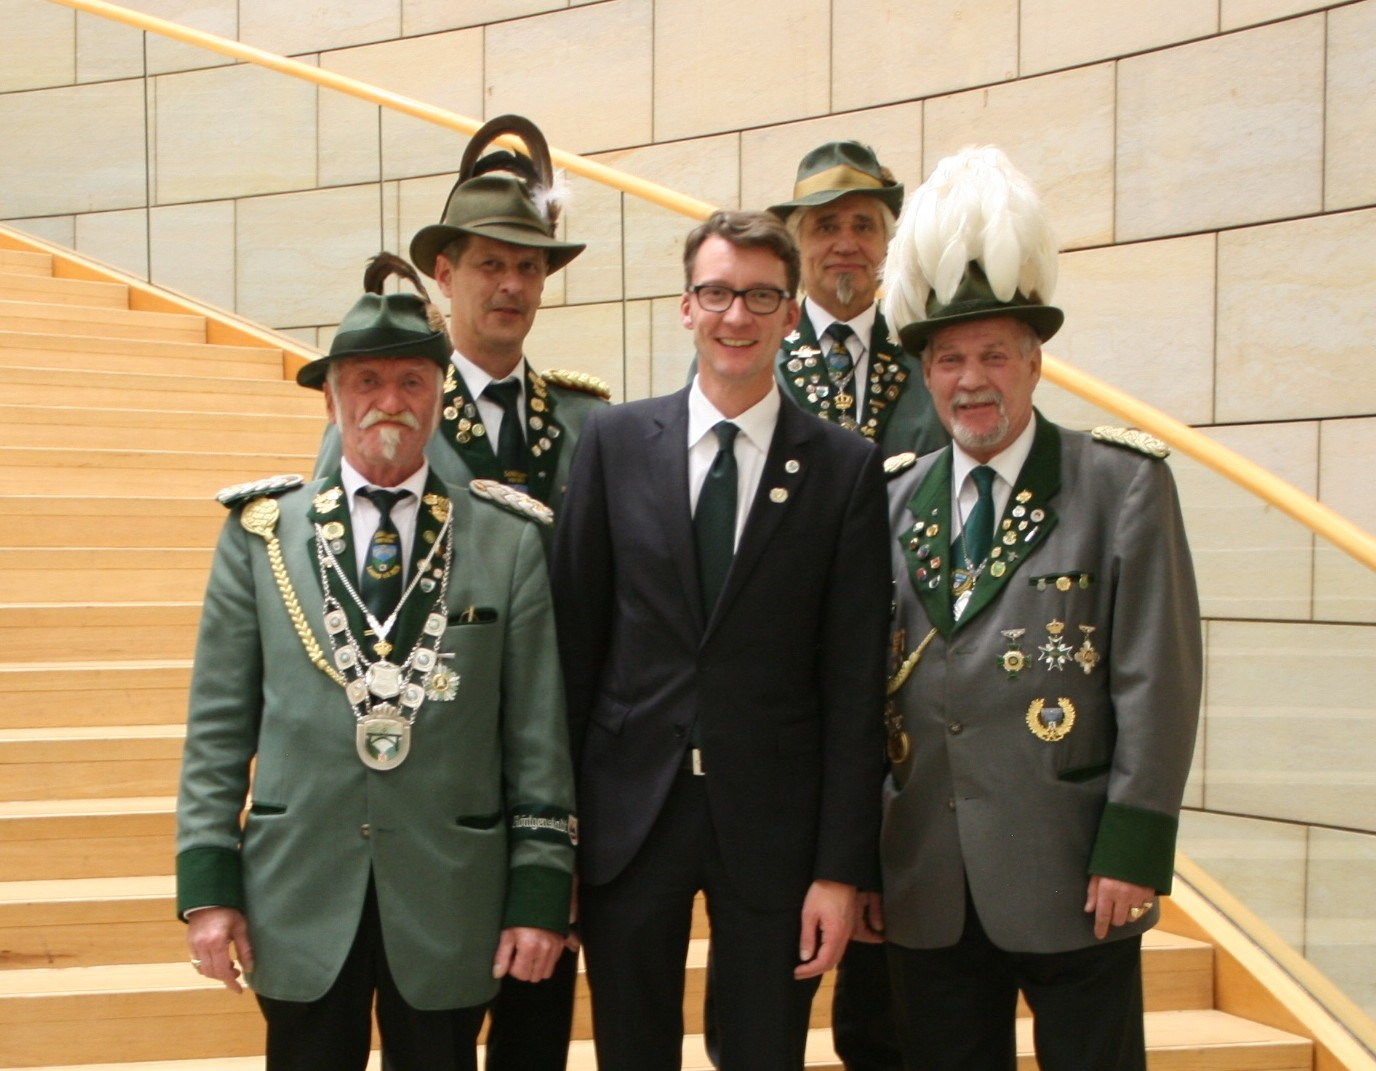 """Parlamentarischer Abend """"Schützenbrauchtum in NRW"""" am 05.11.2013 im Landtag mit Mitgliedern des Schützenvereins """"Eintracht Lennep 1928 e.V."""""""